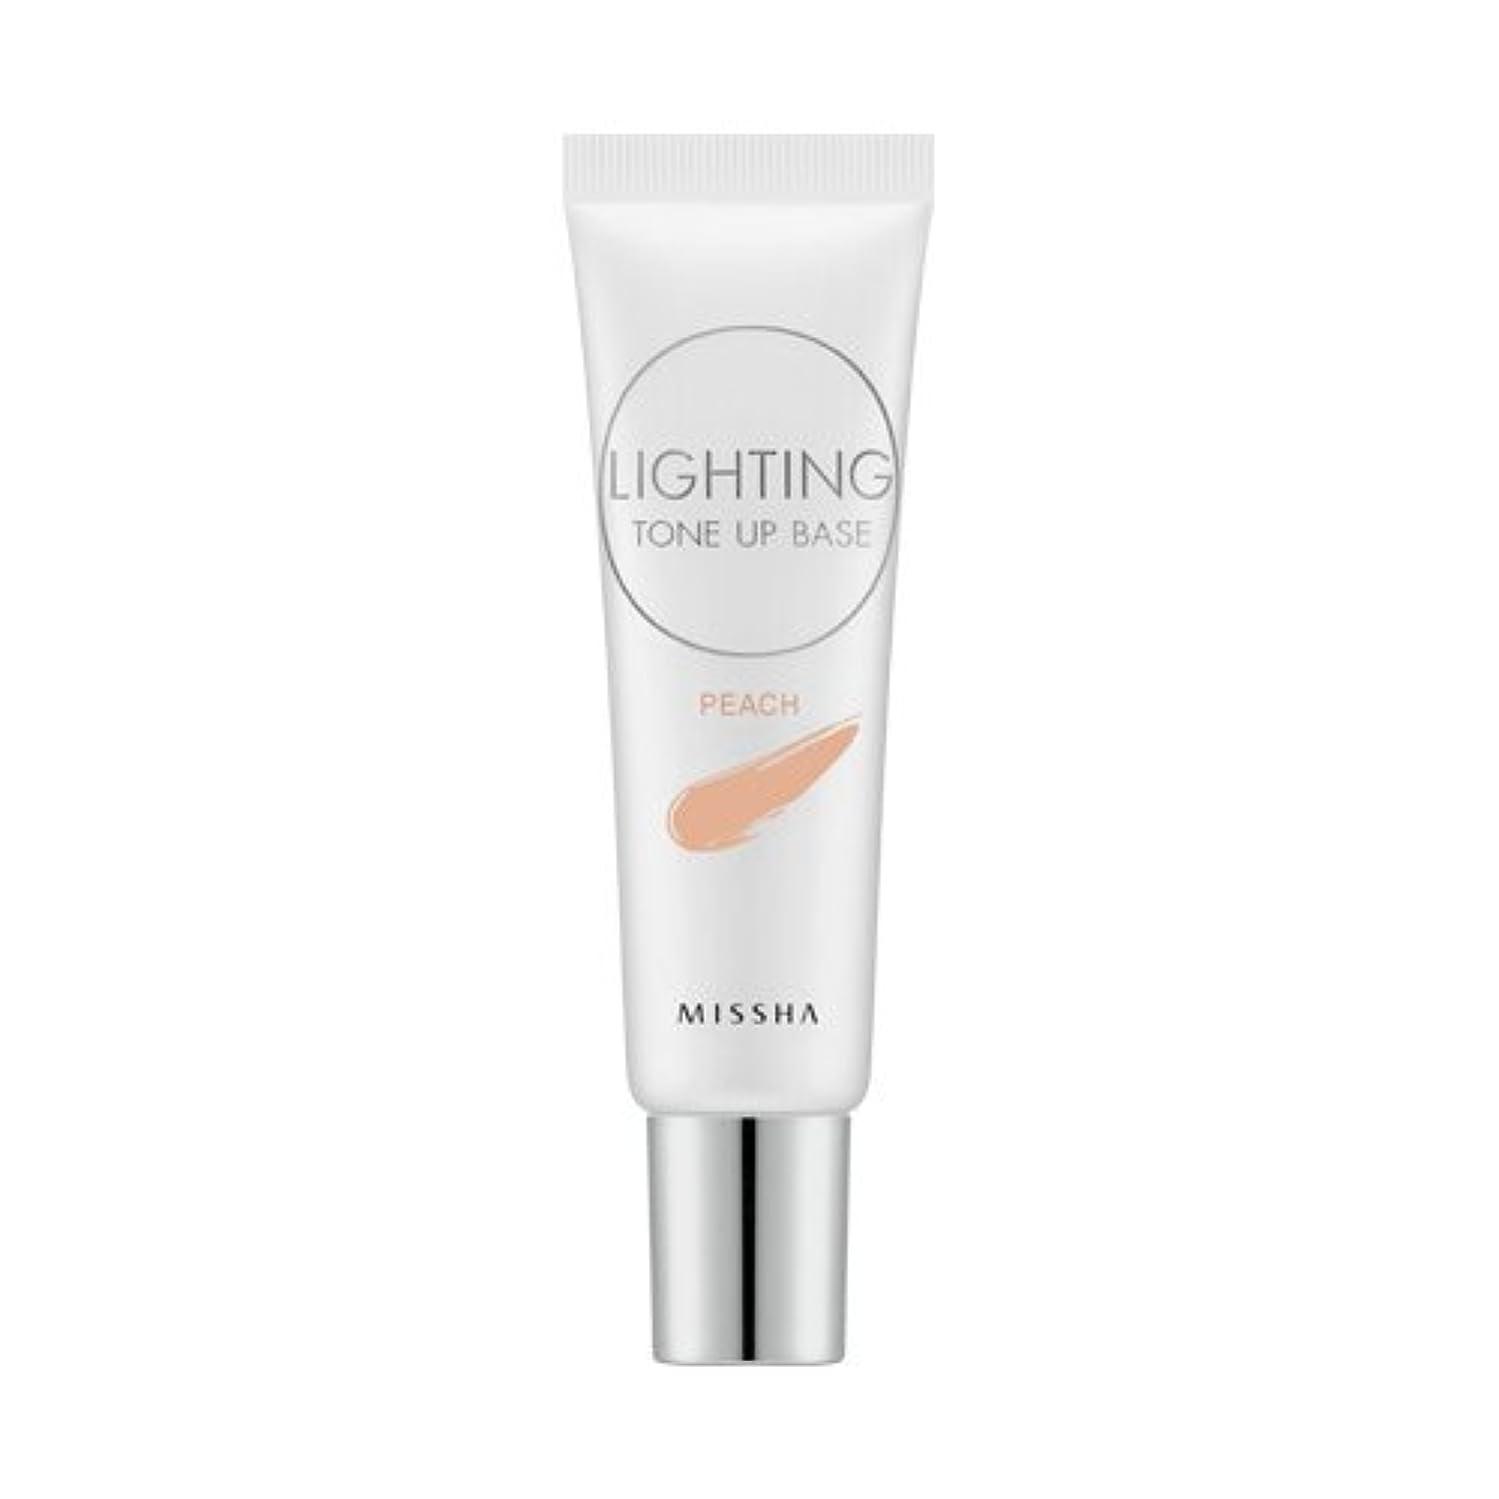 魅力ハブ説明的MISSHA Lighting Tone Up Base 20ml/ミシャ ライティング トーン アップ ベース 20ml (#Peach)